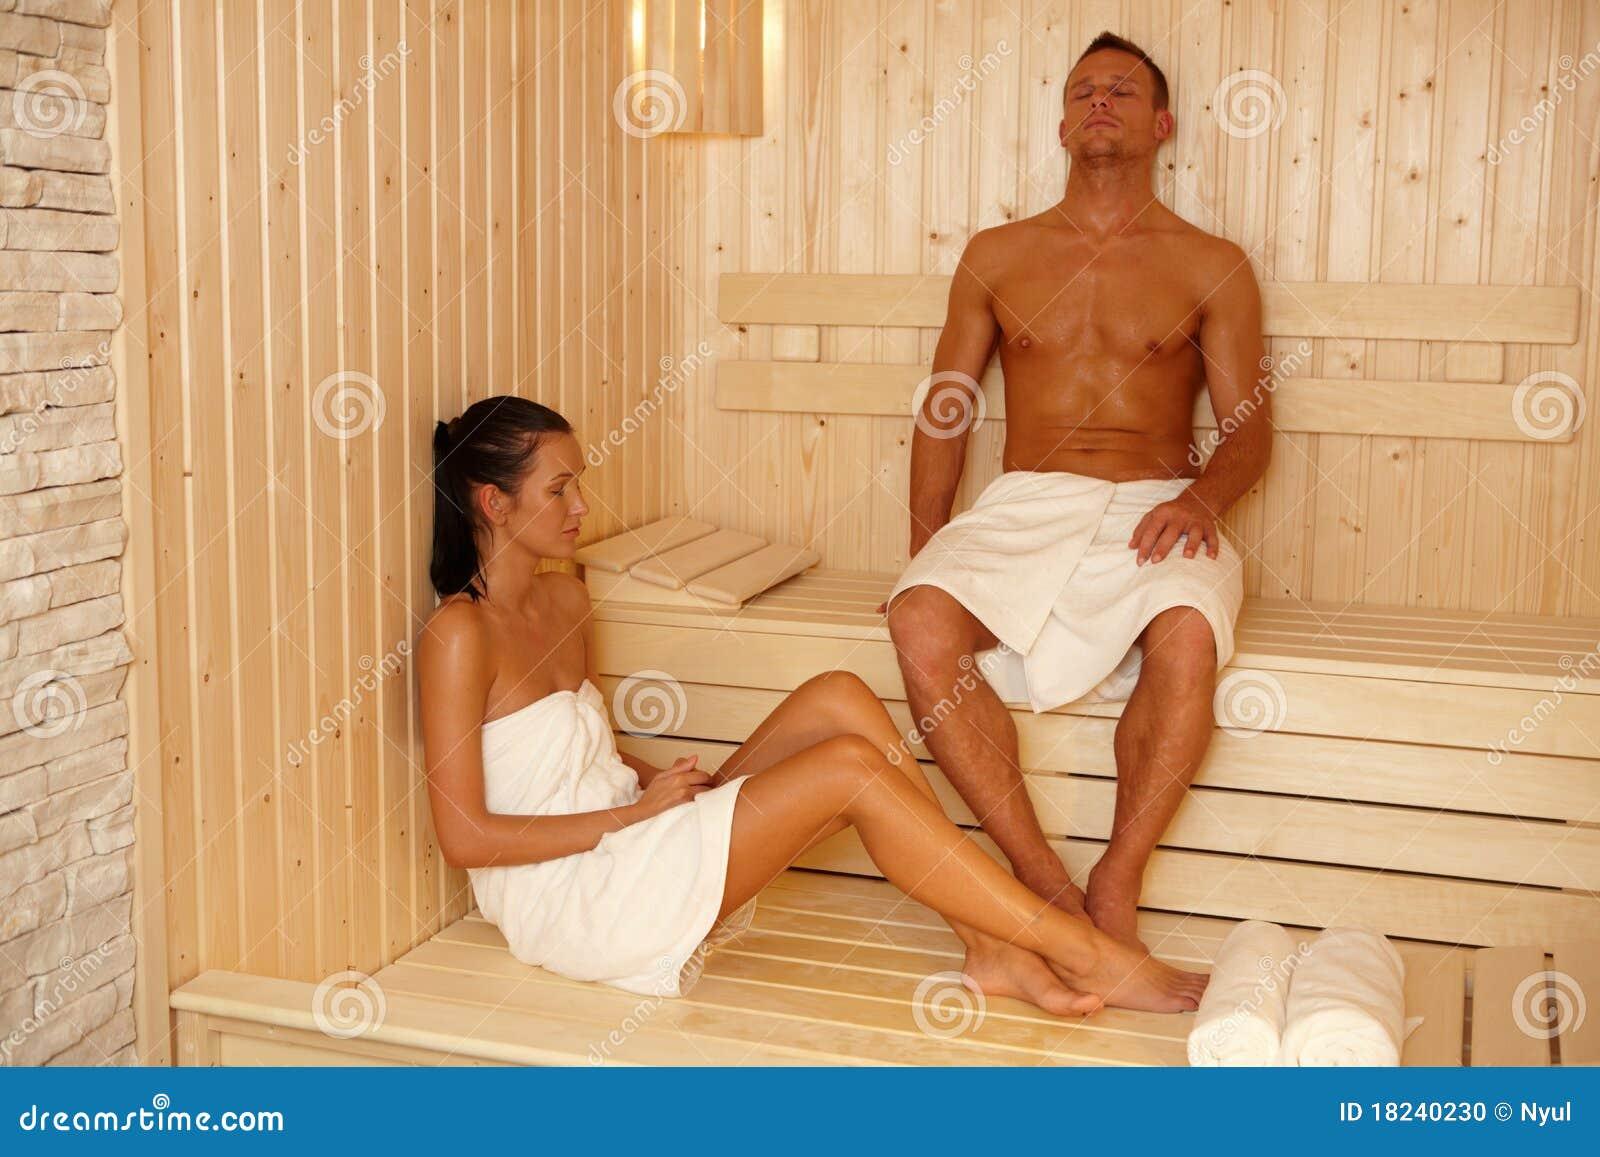 Рассказ секс в бане с друзьями, Порно рассказ: В первый раз с другом в бане 23 фотография